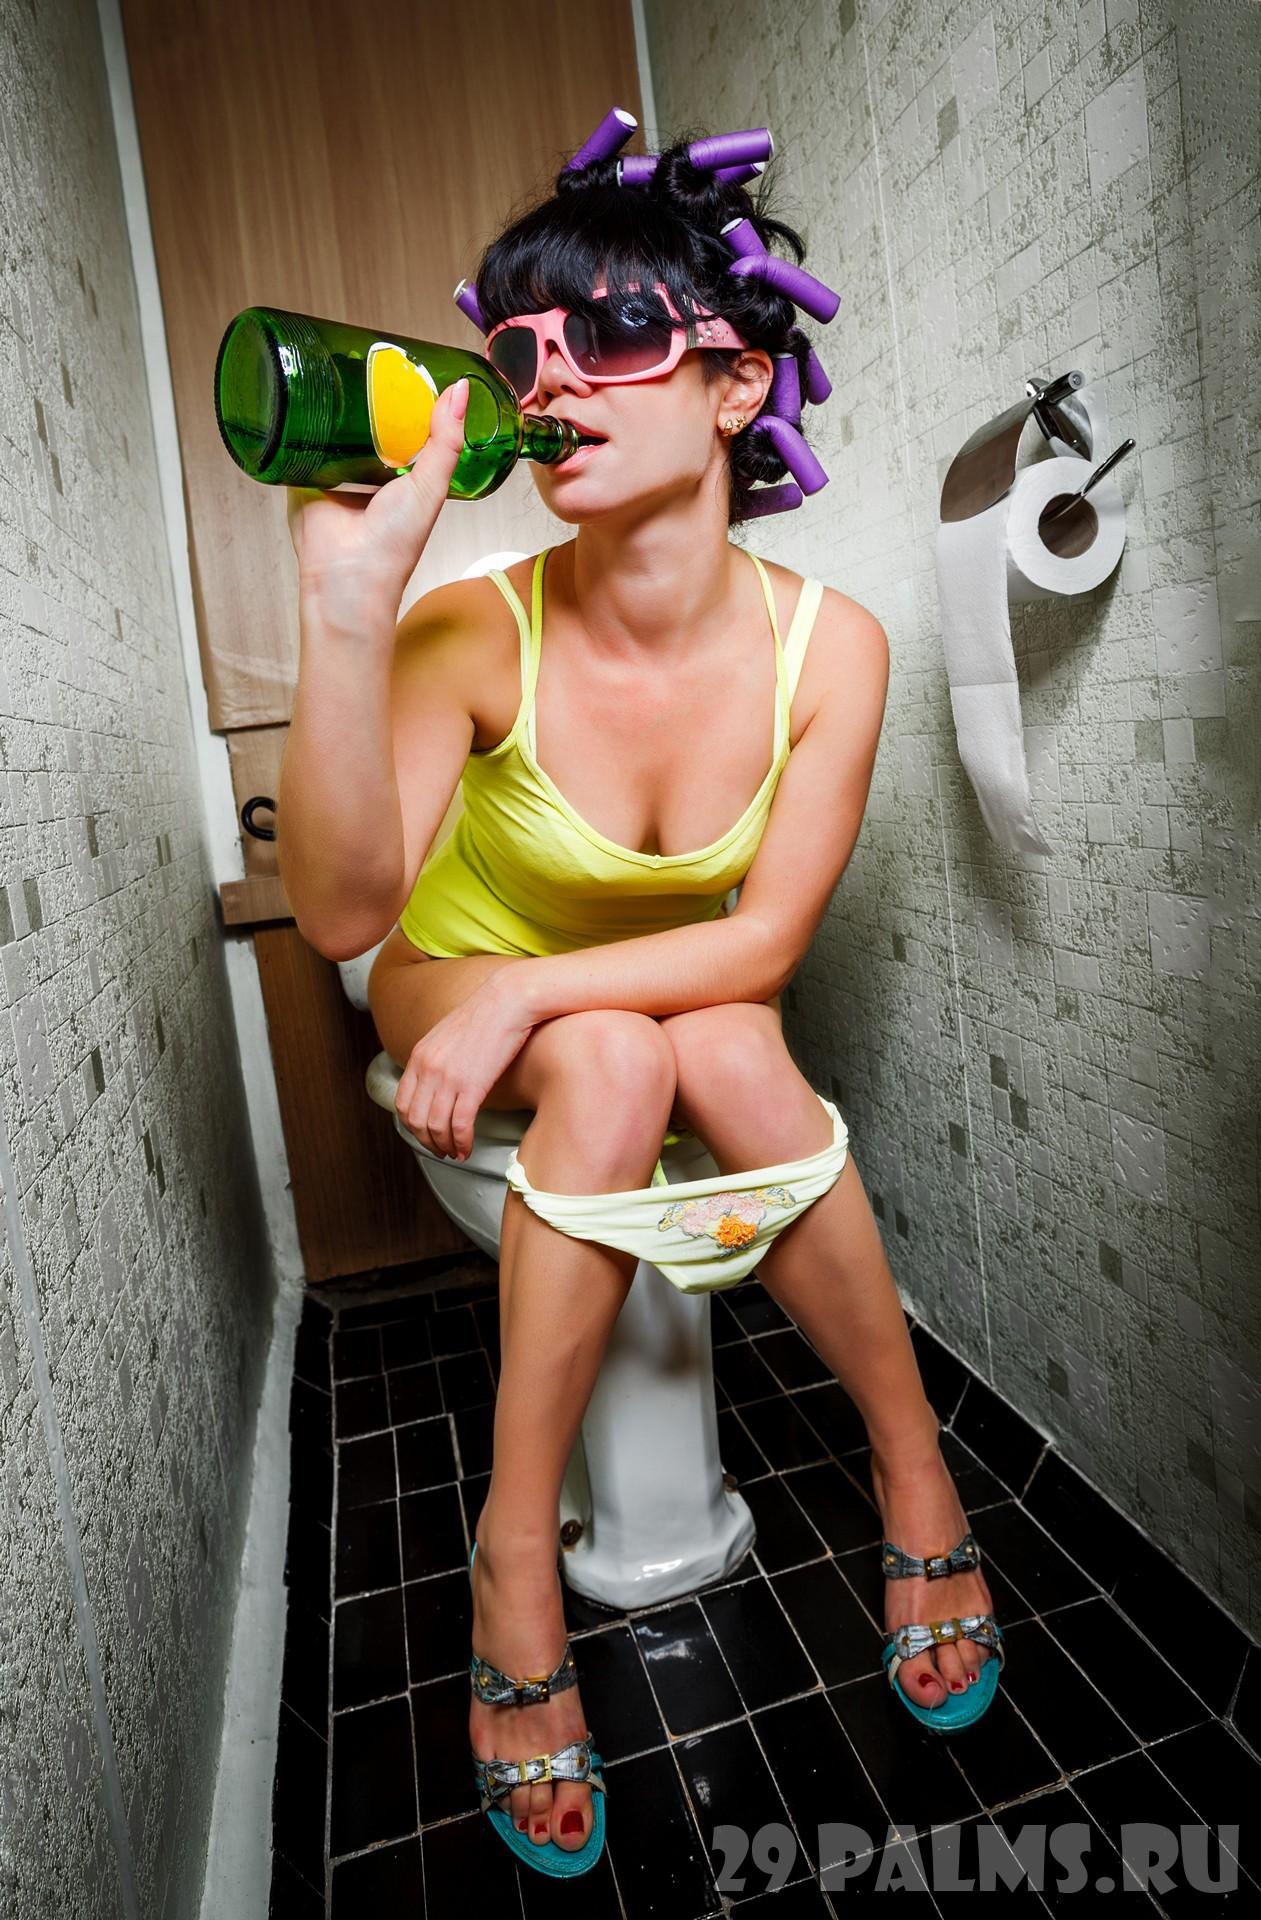 Сексуальная девочка в туалете 8 фотография